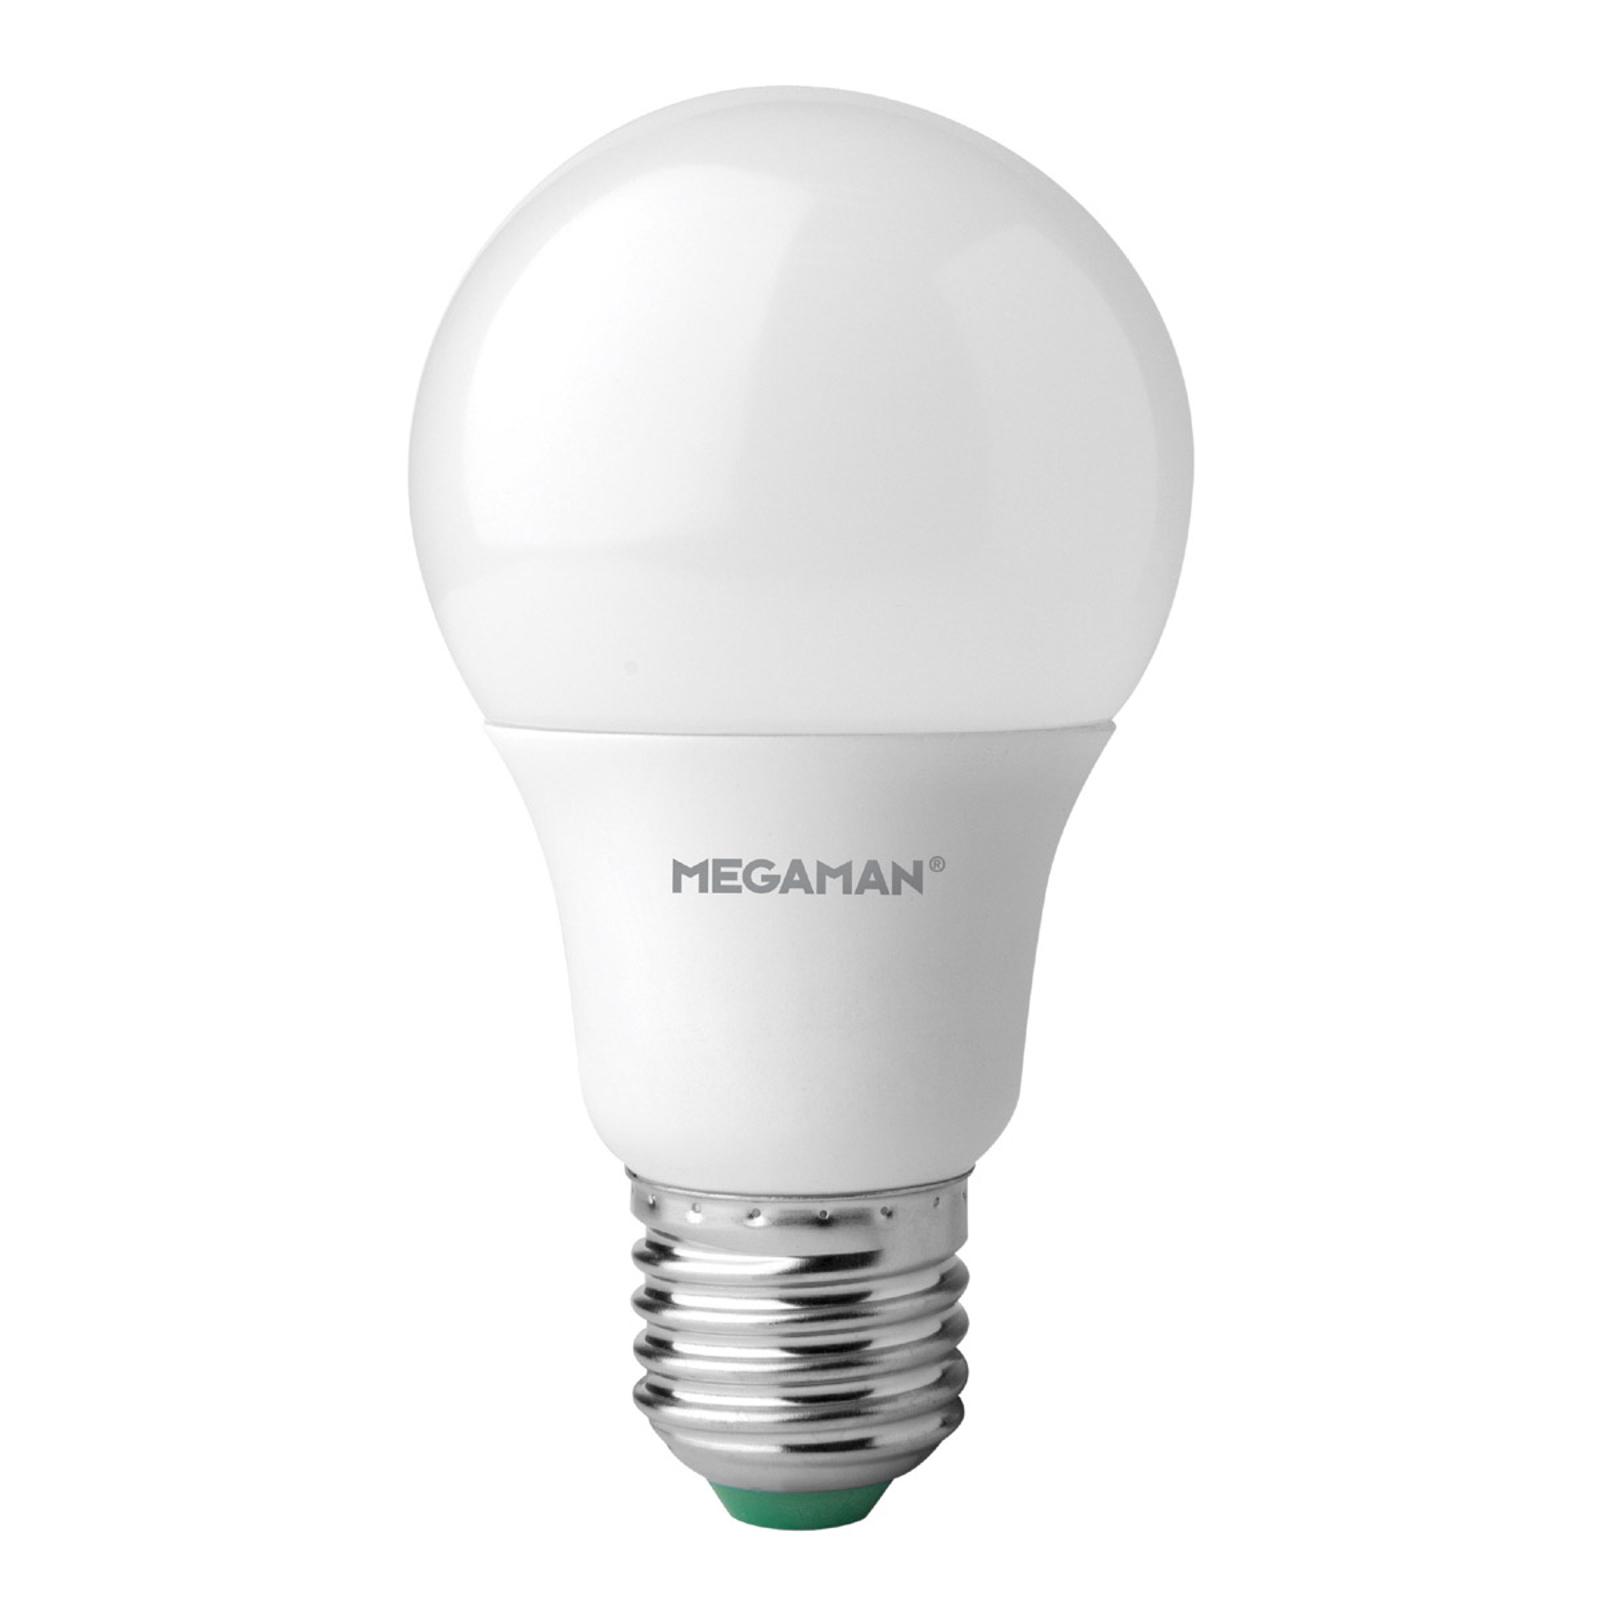 Acquista Lampadina LED 840 9,5 W E27, opaca